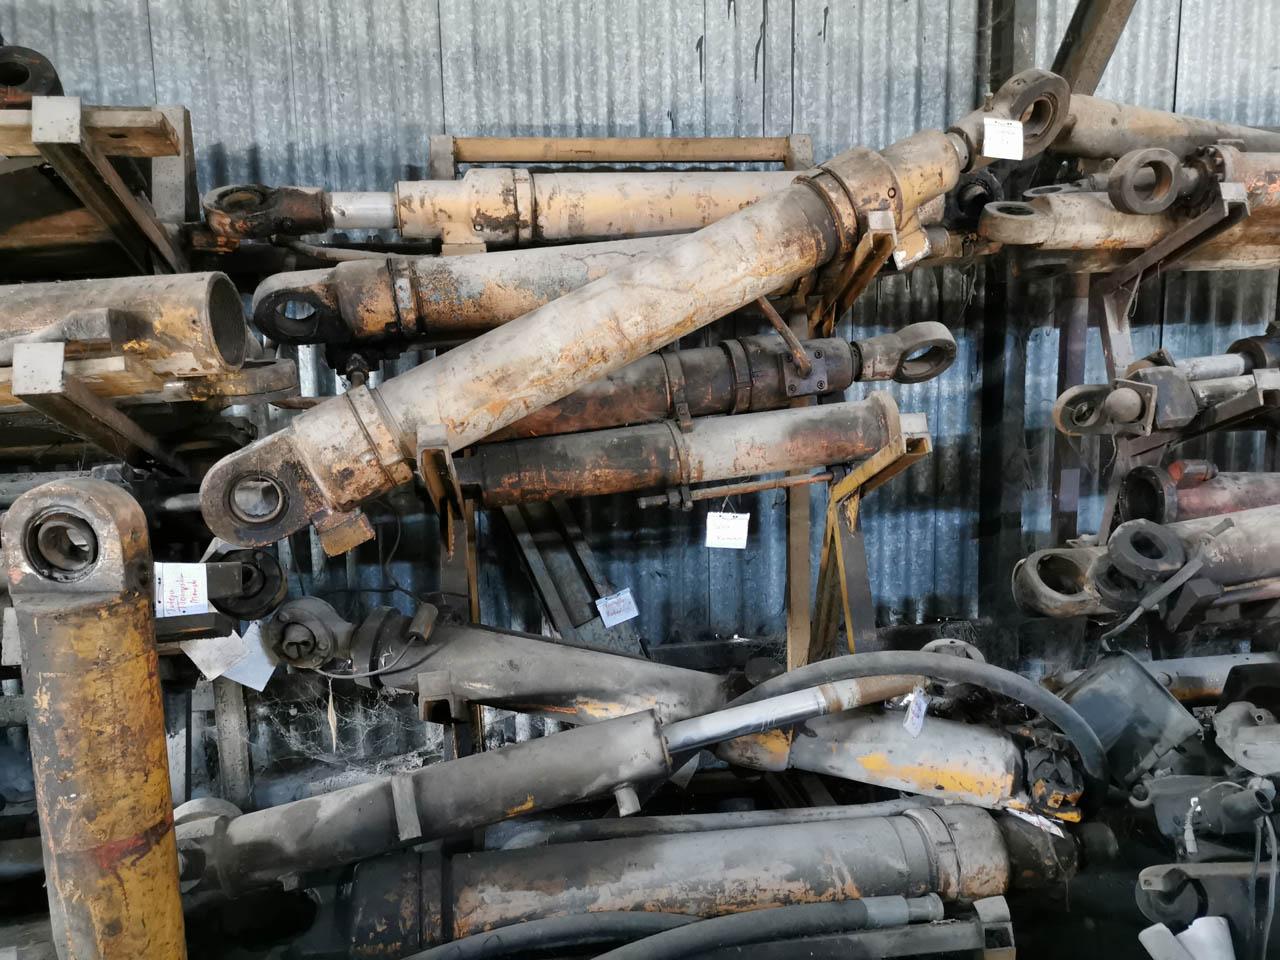 siłownik koparki k 611 kraków części sprzedaż